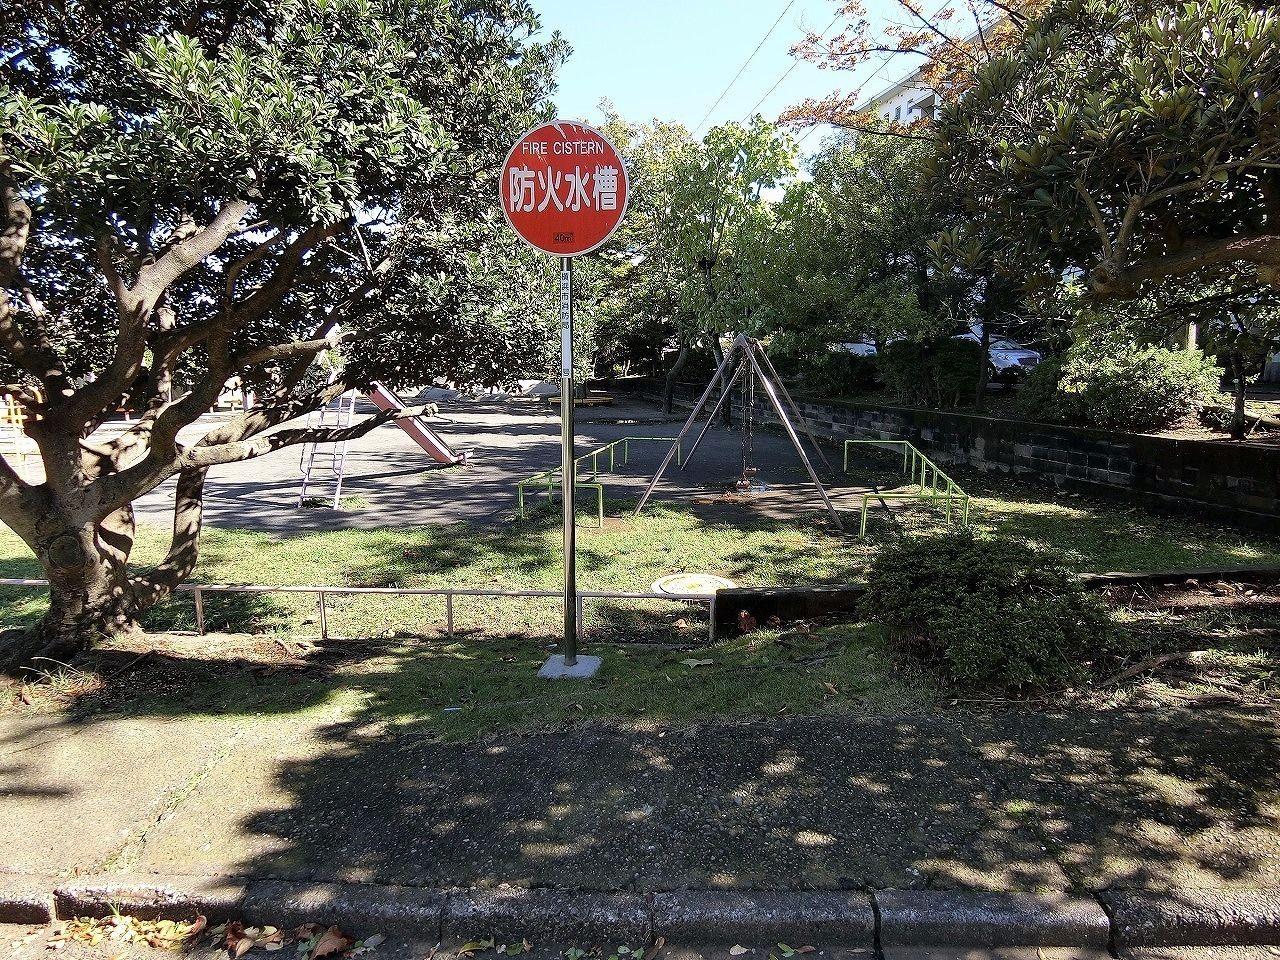 防火水槽・標識 ドーナッツ公園・たまプラーザ団地(敷地内)